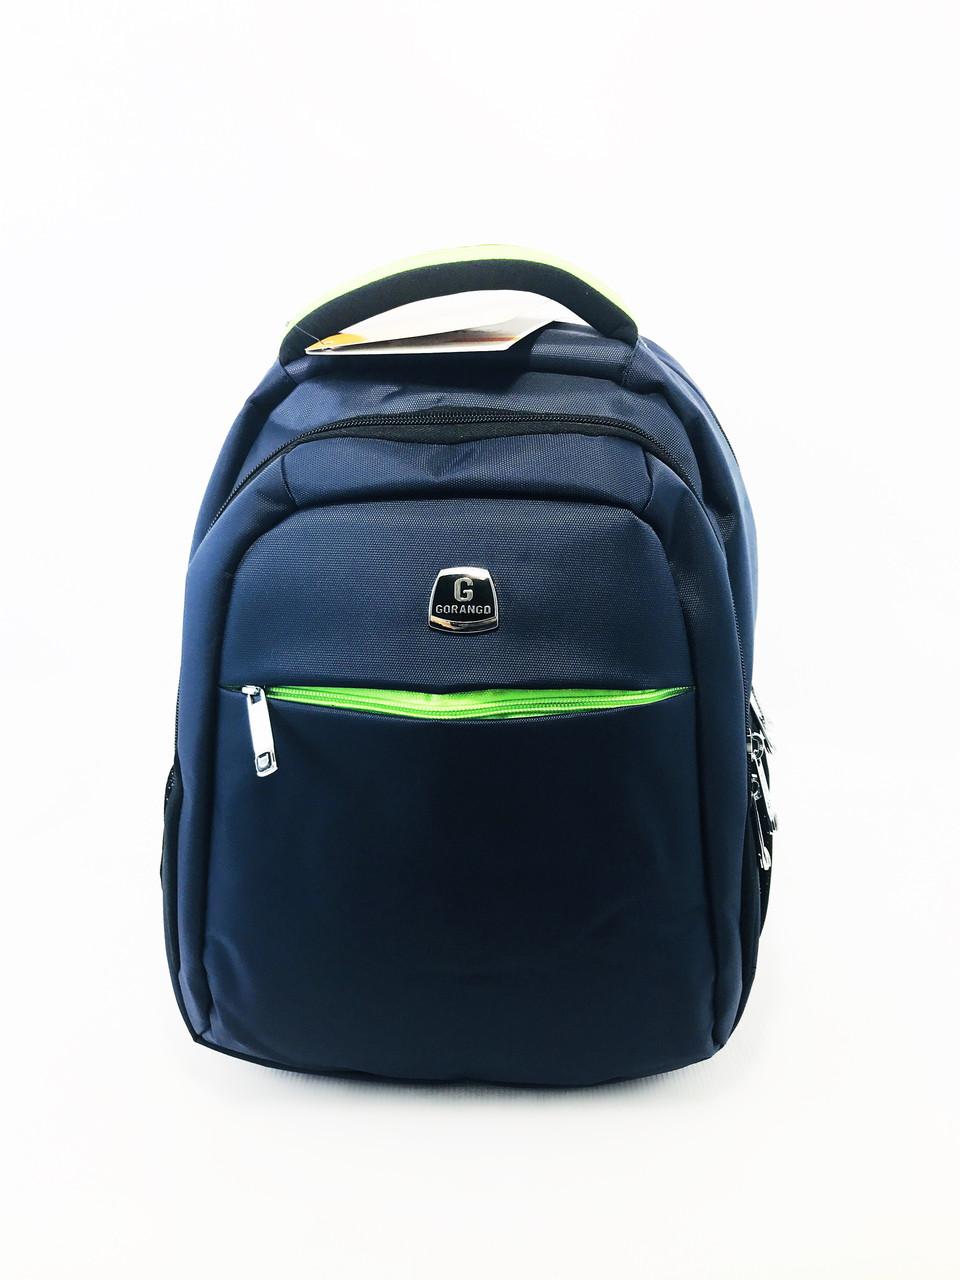 """8d125e362c70 Подростковый школьный рюкзак """"Gorangd 1353"""" - Интернет магазин рюкзаков и сумок  STREET BAGS в"""